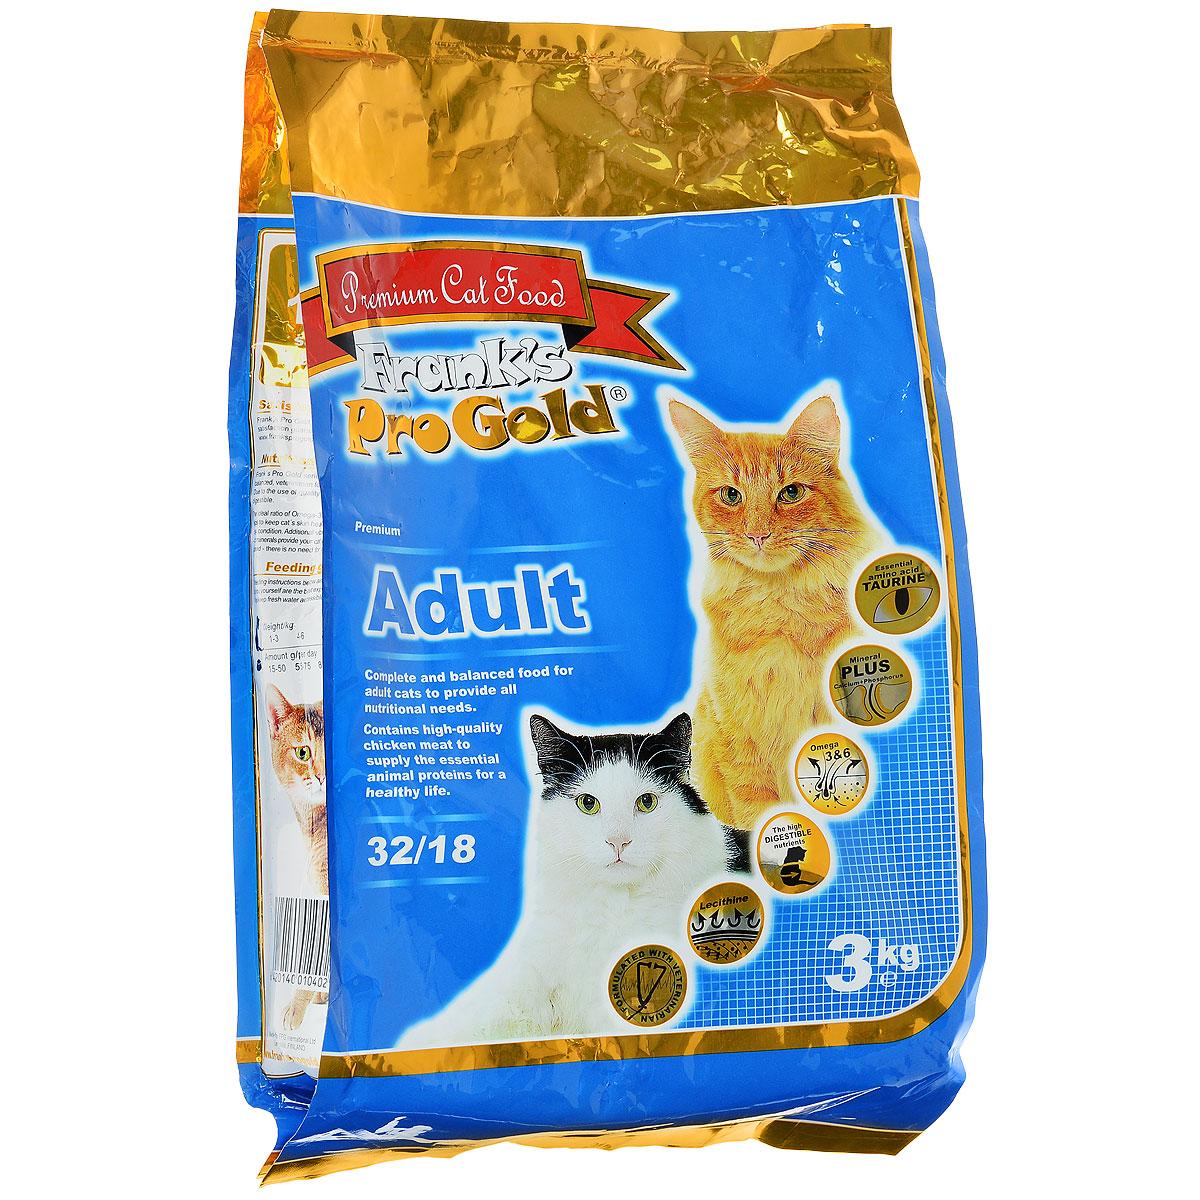 Корм сухой Franks ProGold для взрослых кошек, с курицей, 3 кг23291Сухой корм Franks ProGold - это полноценный рацион для взрослых кошек. Он содержит особую разработанную с участием ученых комбинацию ингредиентов для поддержания здоровья вашего питомца в течение продолжительного времени. Не содержит пшеницы, соевых добавок, ГМО. Состав: дегидрированное мясо курицы, рис, куриный жир, дегидрированная рыба, ячмень, гидролизованная куриная печень, кукурузная мука, свекла, дрожжи, яичный порошок, рыбий жир, минералы и витамины, гидролизованные хрящи (источник хондроитина), гидролизованные рачки (источник глюкозамина), лецитин (минимум 0,5 %), инулин (минимум 0,5 % FOS), таурин. Пищевая ценность: белки 32,0%, жиры 18,0%, клетчатка 2,0%, зола 6,0%, влажность 8,0%, фосфор 0,9%, кальций 1,4%. Добавки: витамин-A (E672) 20000 IU/кг, витамин-D3 (E671) 2000 IU/кг, витамин-E (dl-альфа токоферола ацетат) 400 мг/кг, витамин-C (фосфат аскорбиновой кислоты) 250 мг/кг, таурин 1000 мг/кг, E1 75 мг/кг, E2 1,5 мг/кг, E3 0,5 мг/кг, E4 5 мг/кг,...